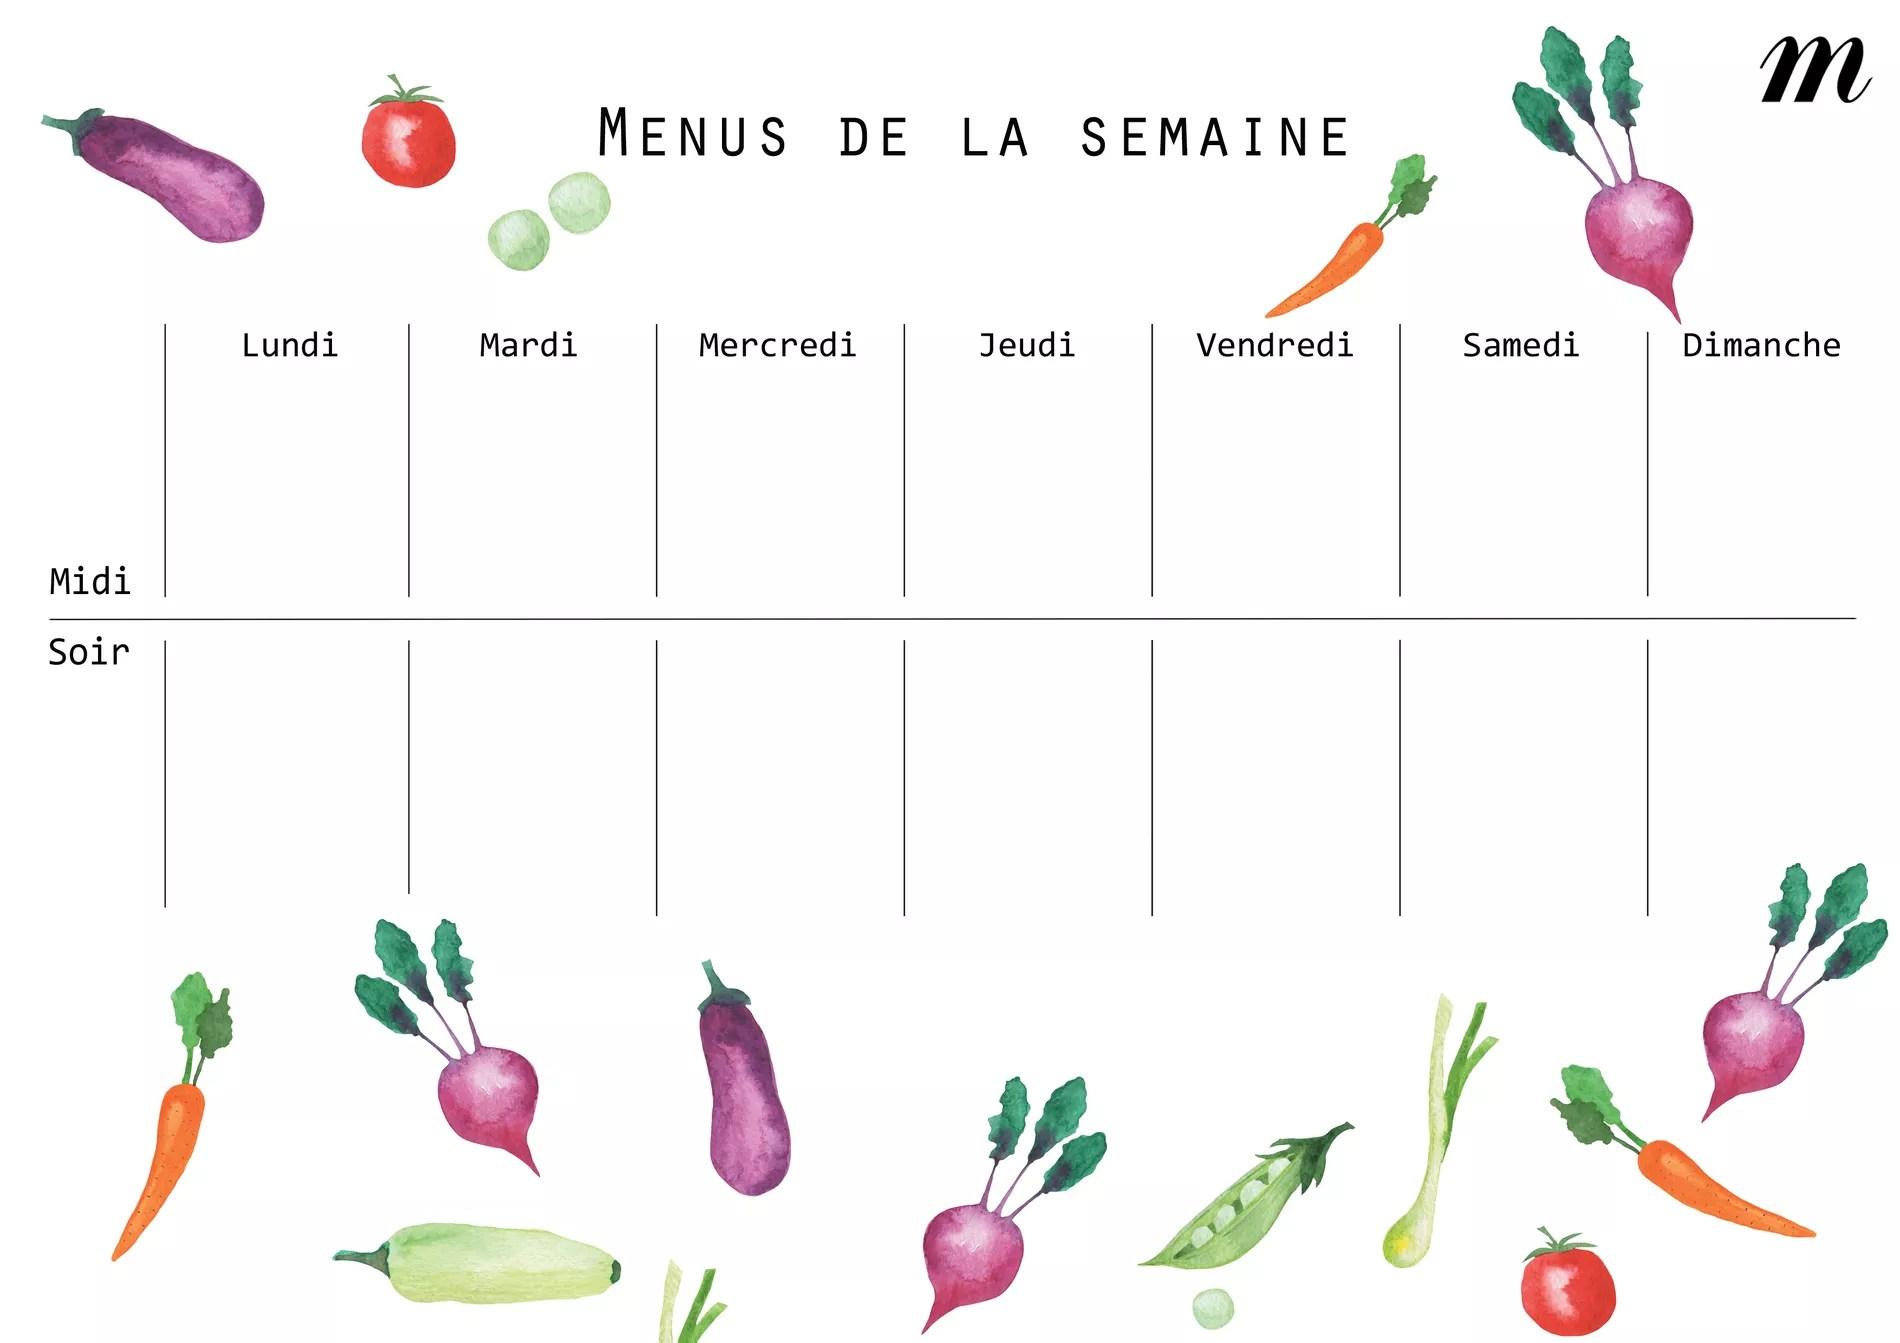 Composer Ses Menus De La Semaine Une Bonne Idee A Tester Pendant Le Confinement Cuisine Madame Figaro